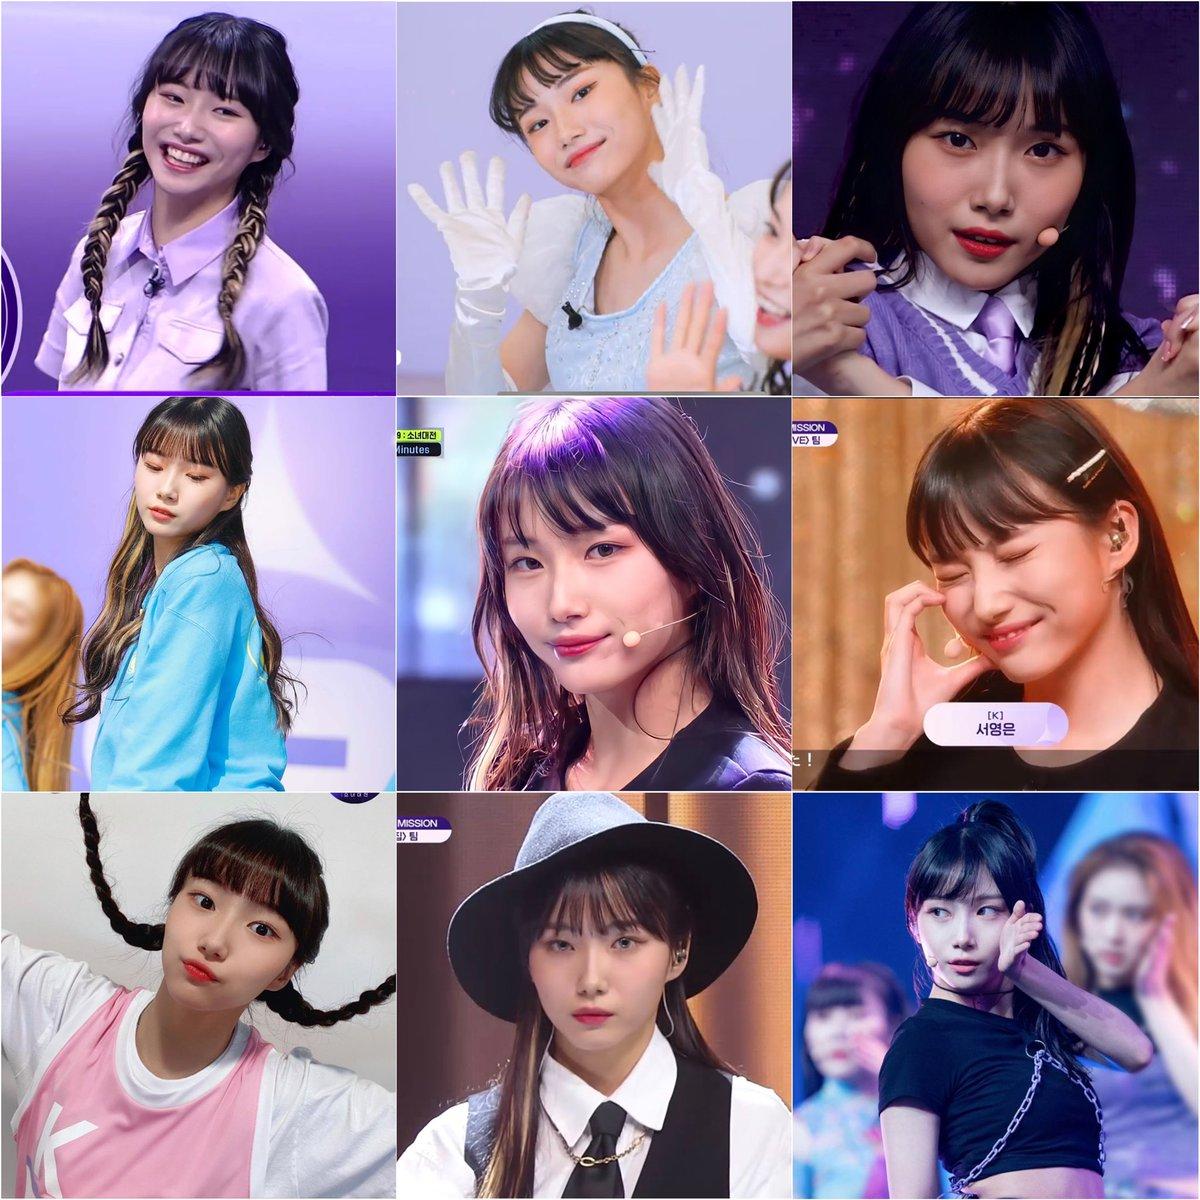 どのヨンウンがすきですか? which seo youngeun do you like ? 어느 서영은을 좋아합니까?   #GirlsPlanet999